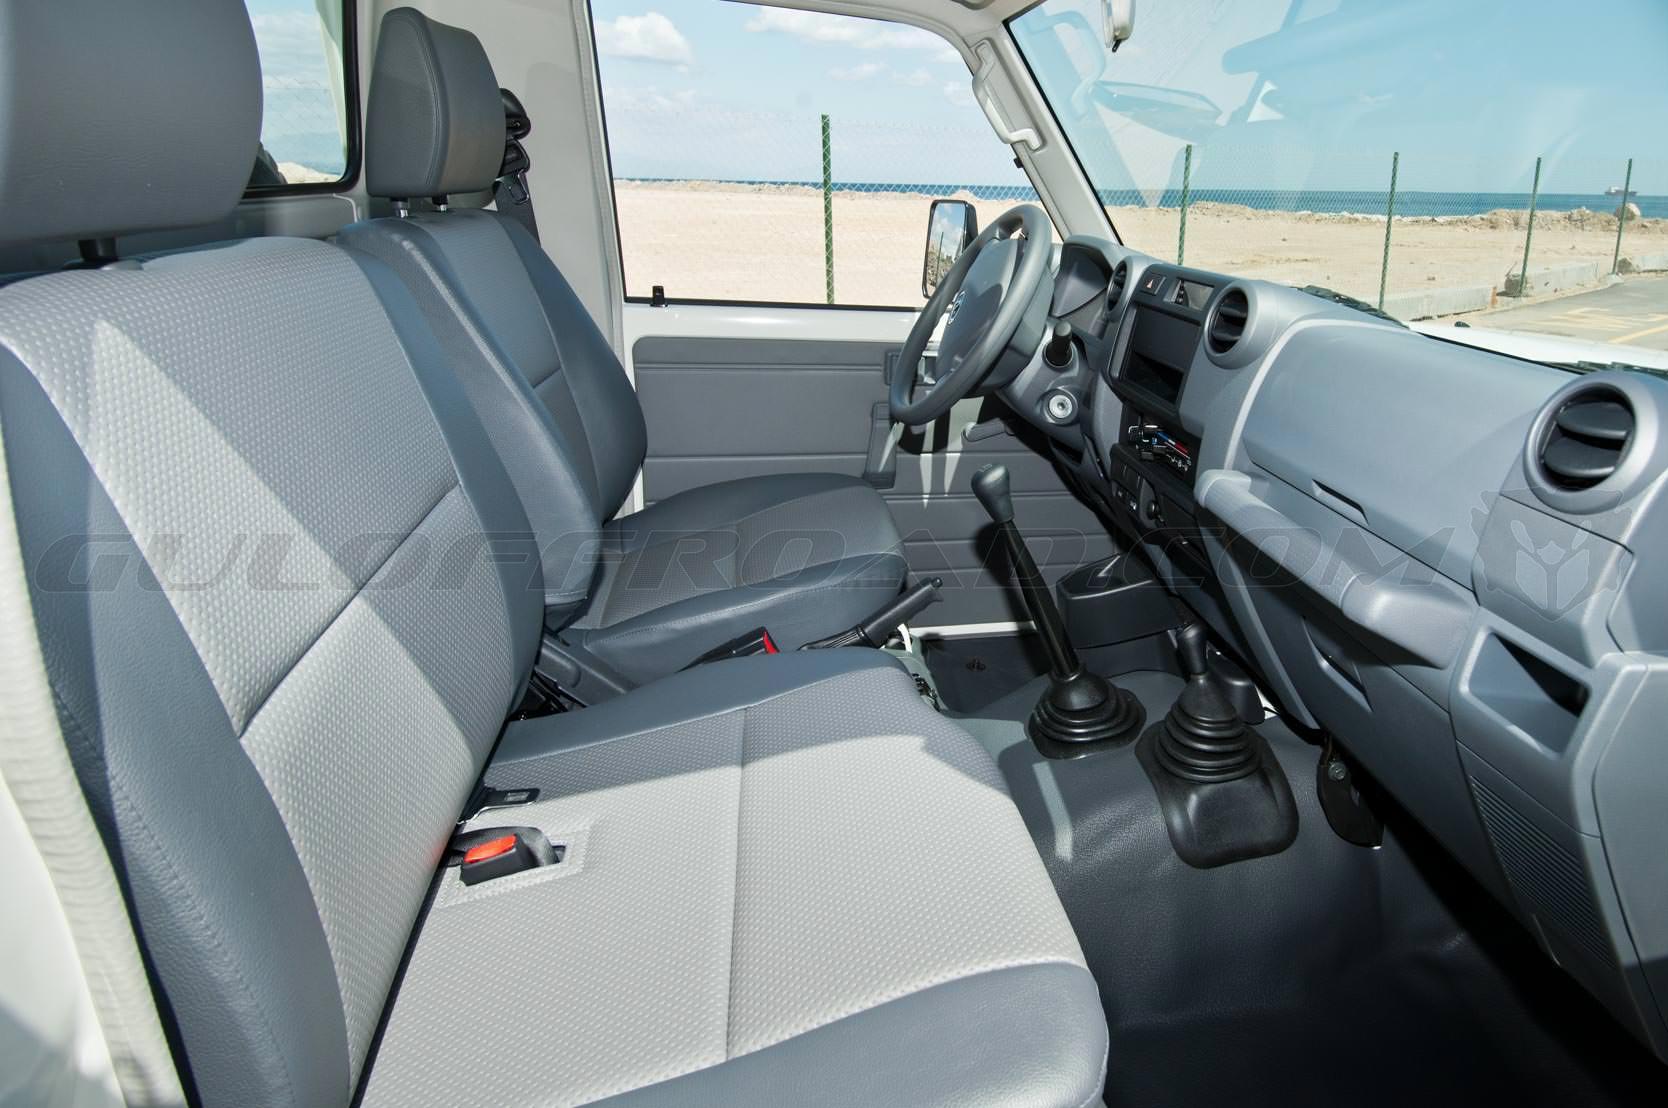 Toyota LandCruiser HZJ79 Pick Up Spain